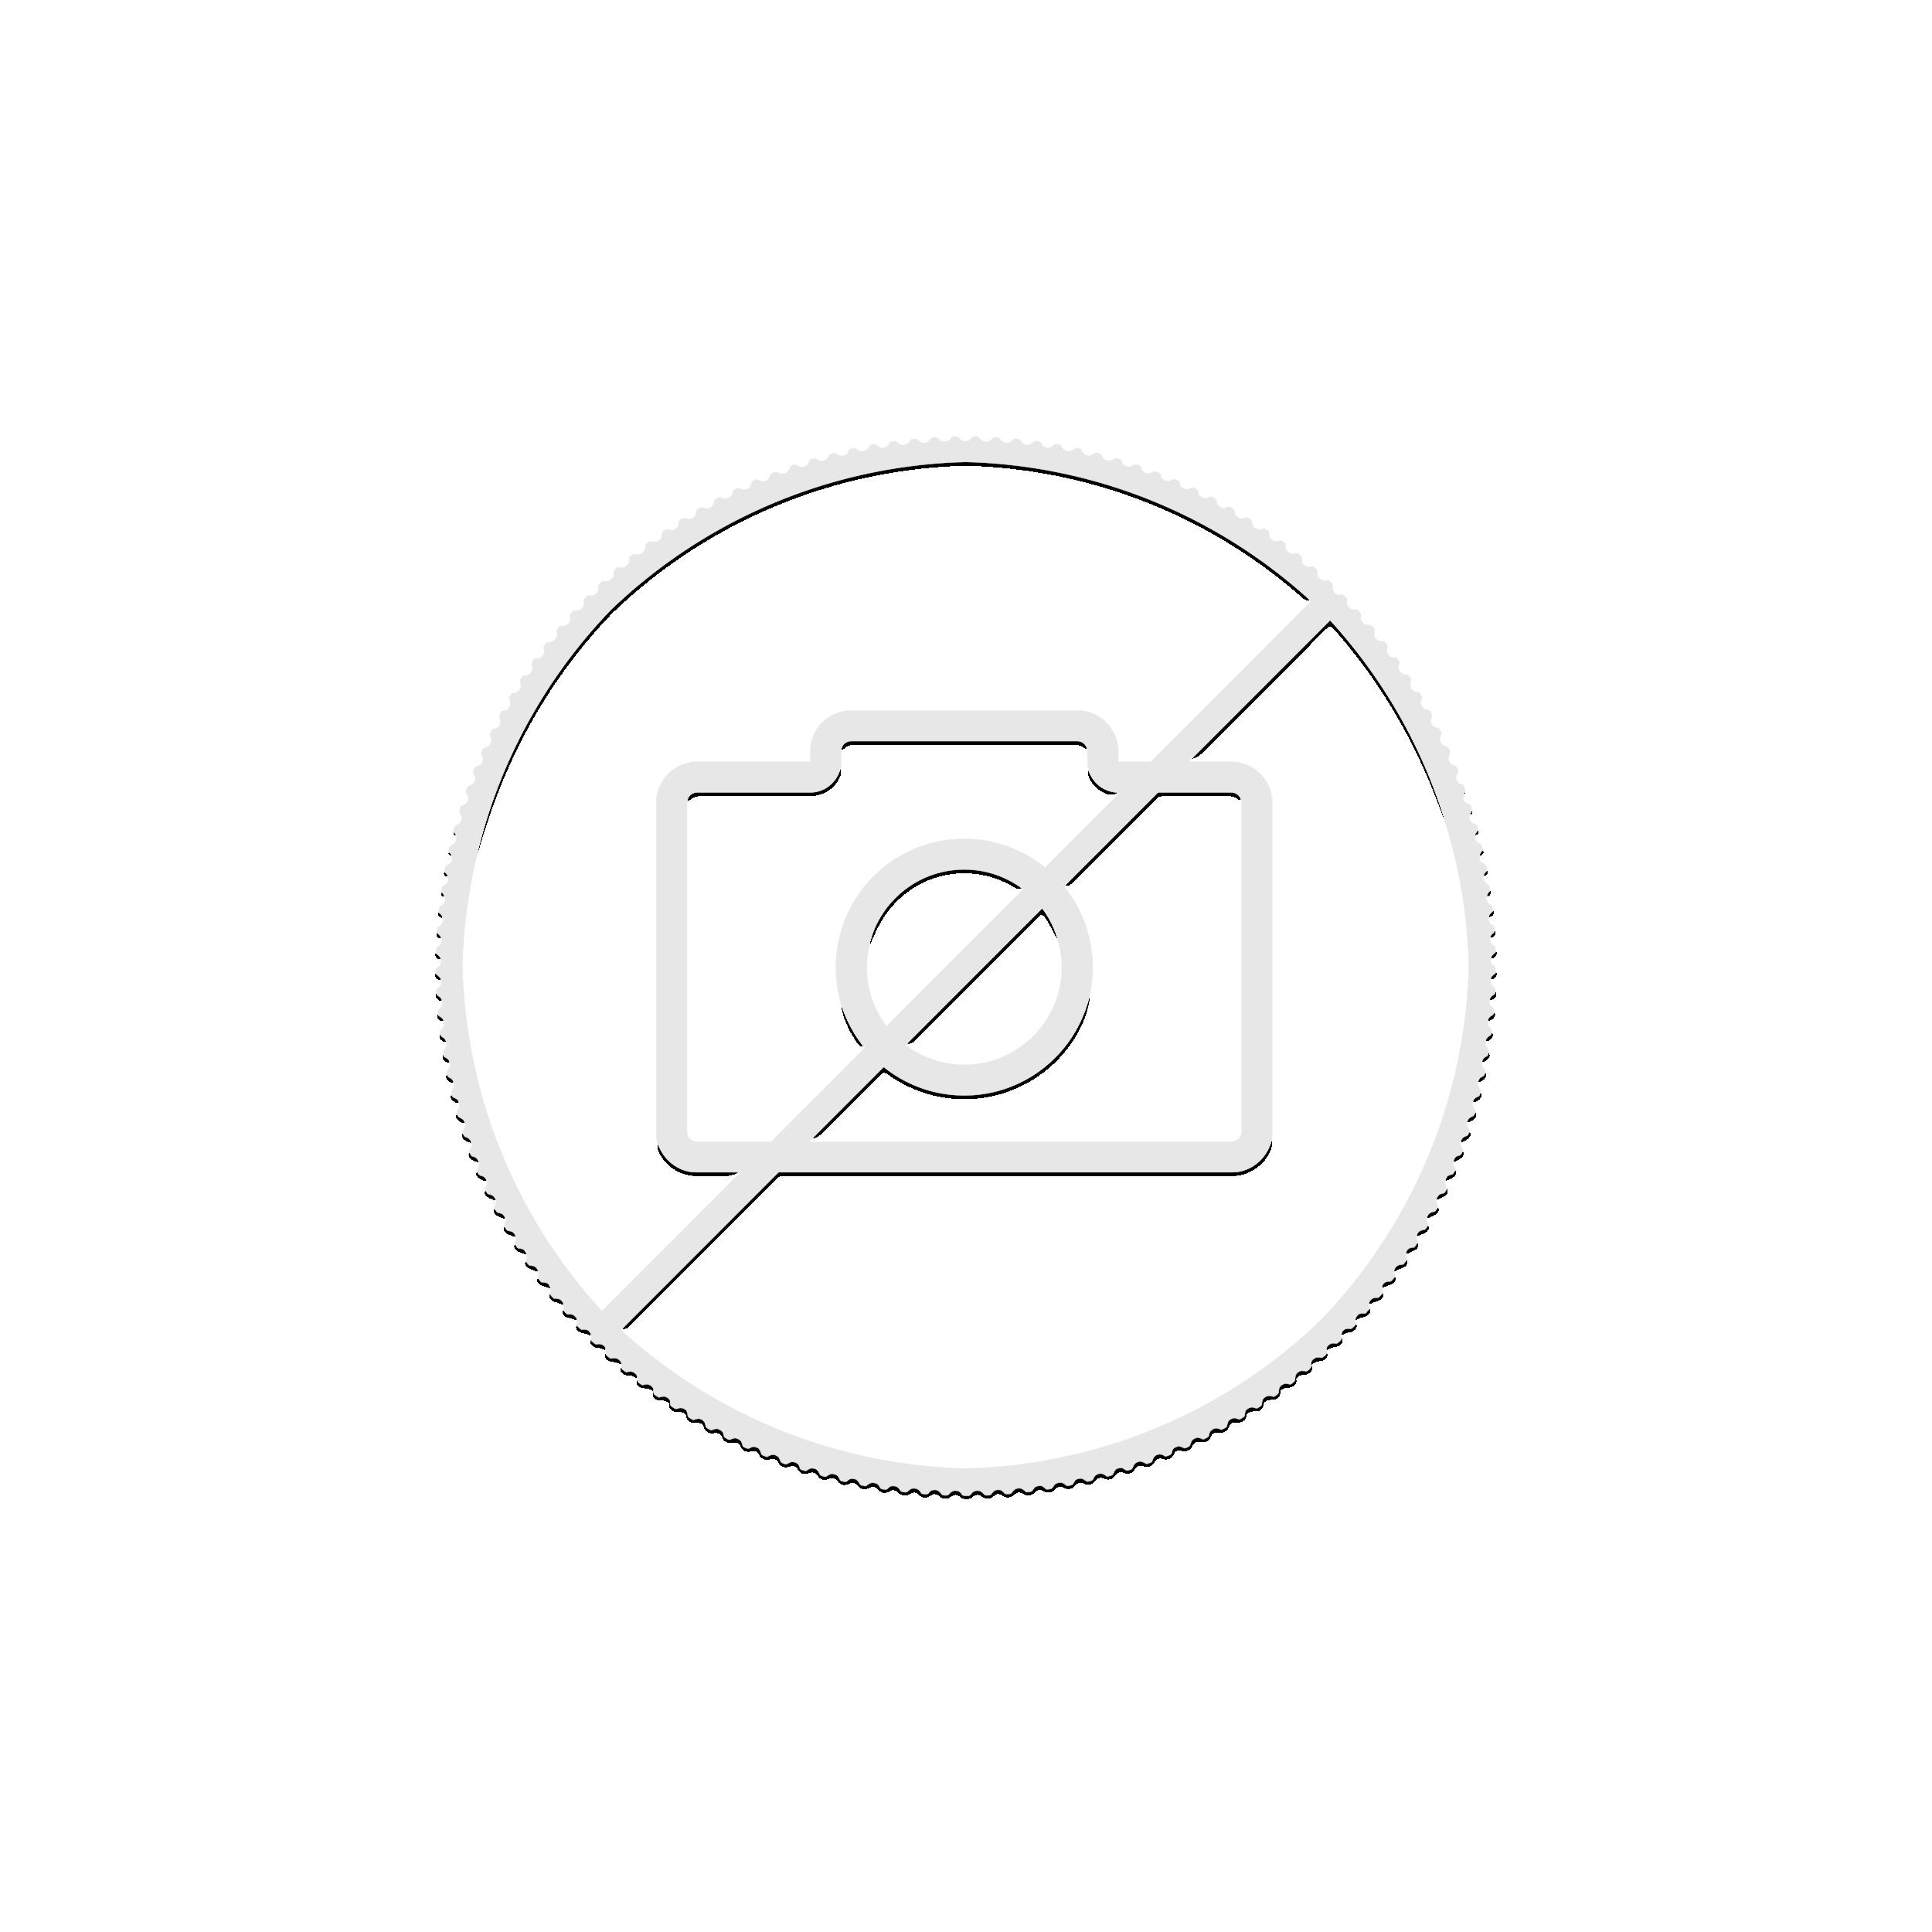 1 Kilo Koala silver coin 2009